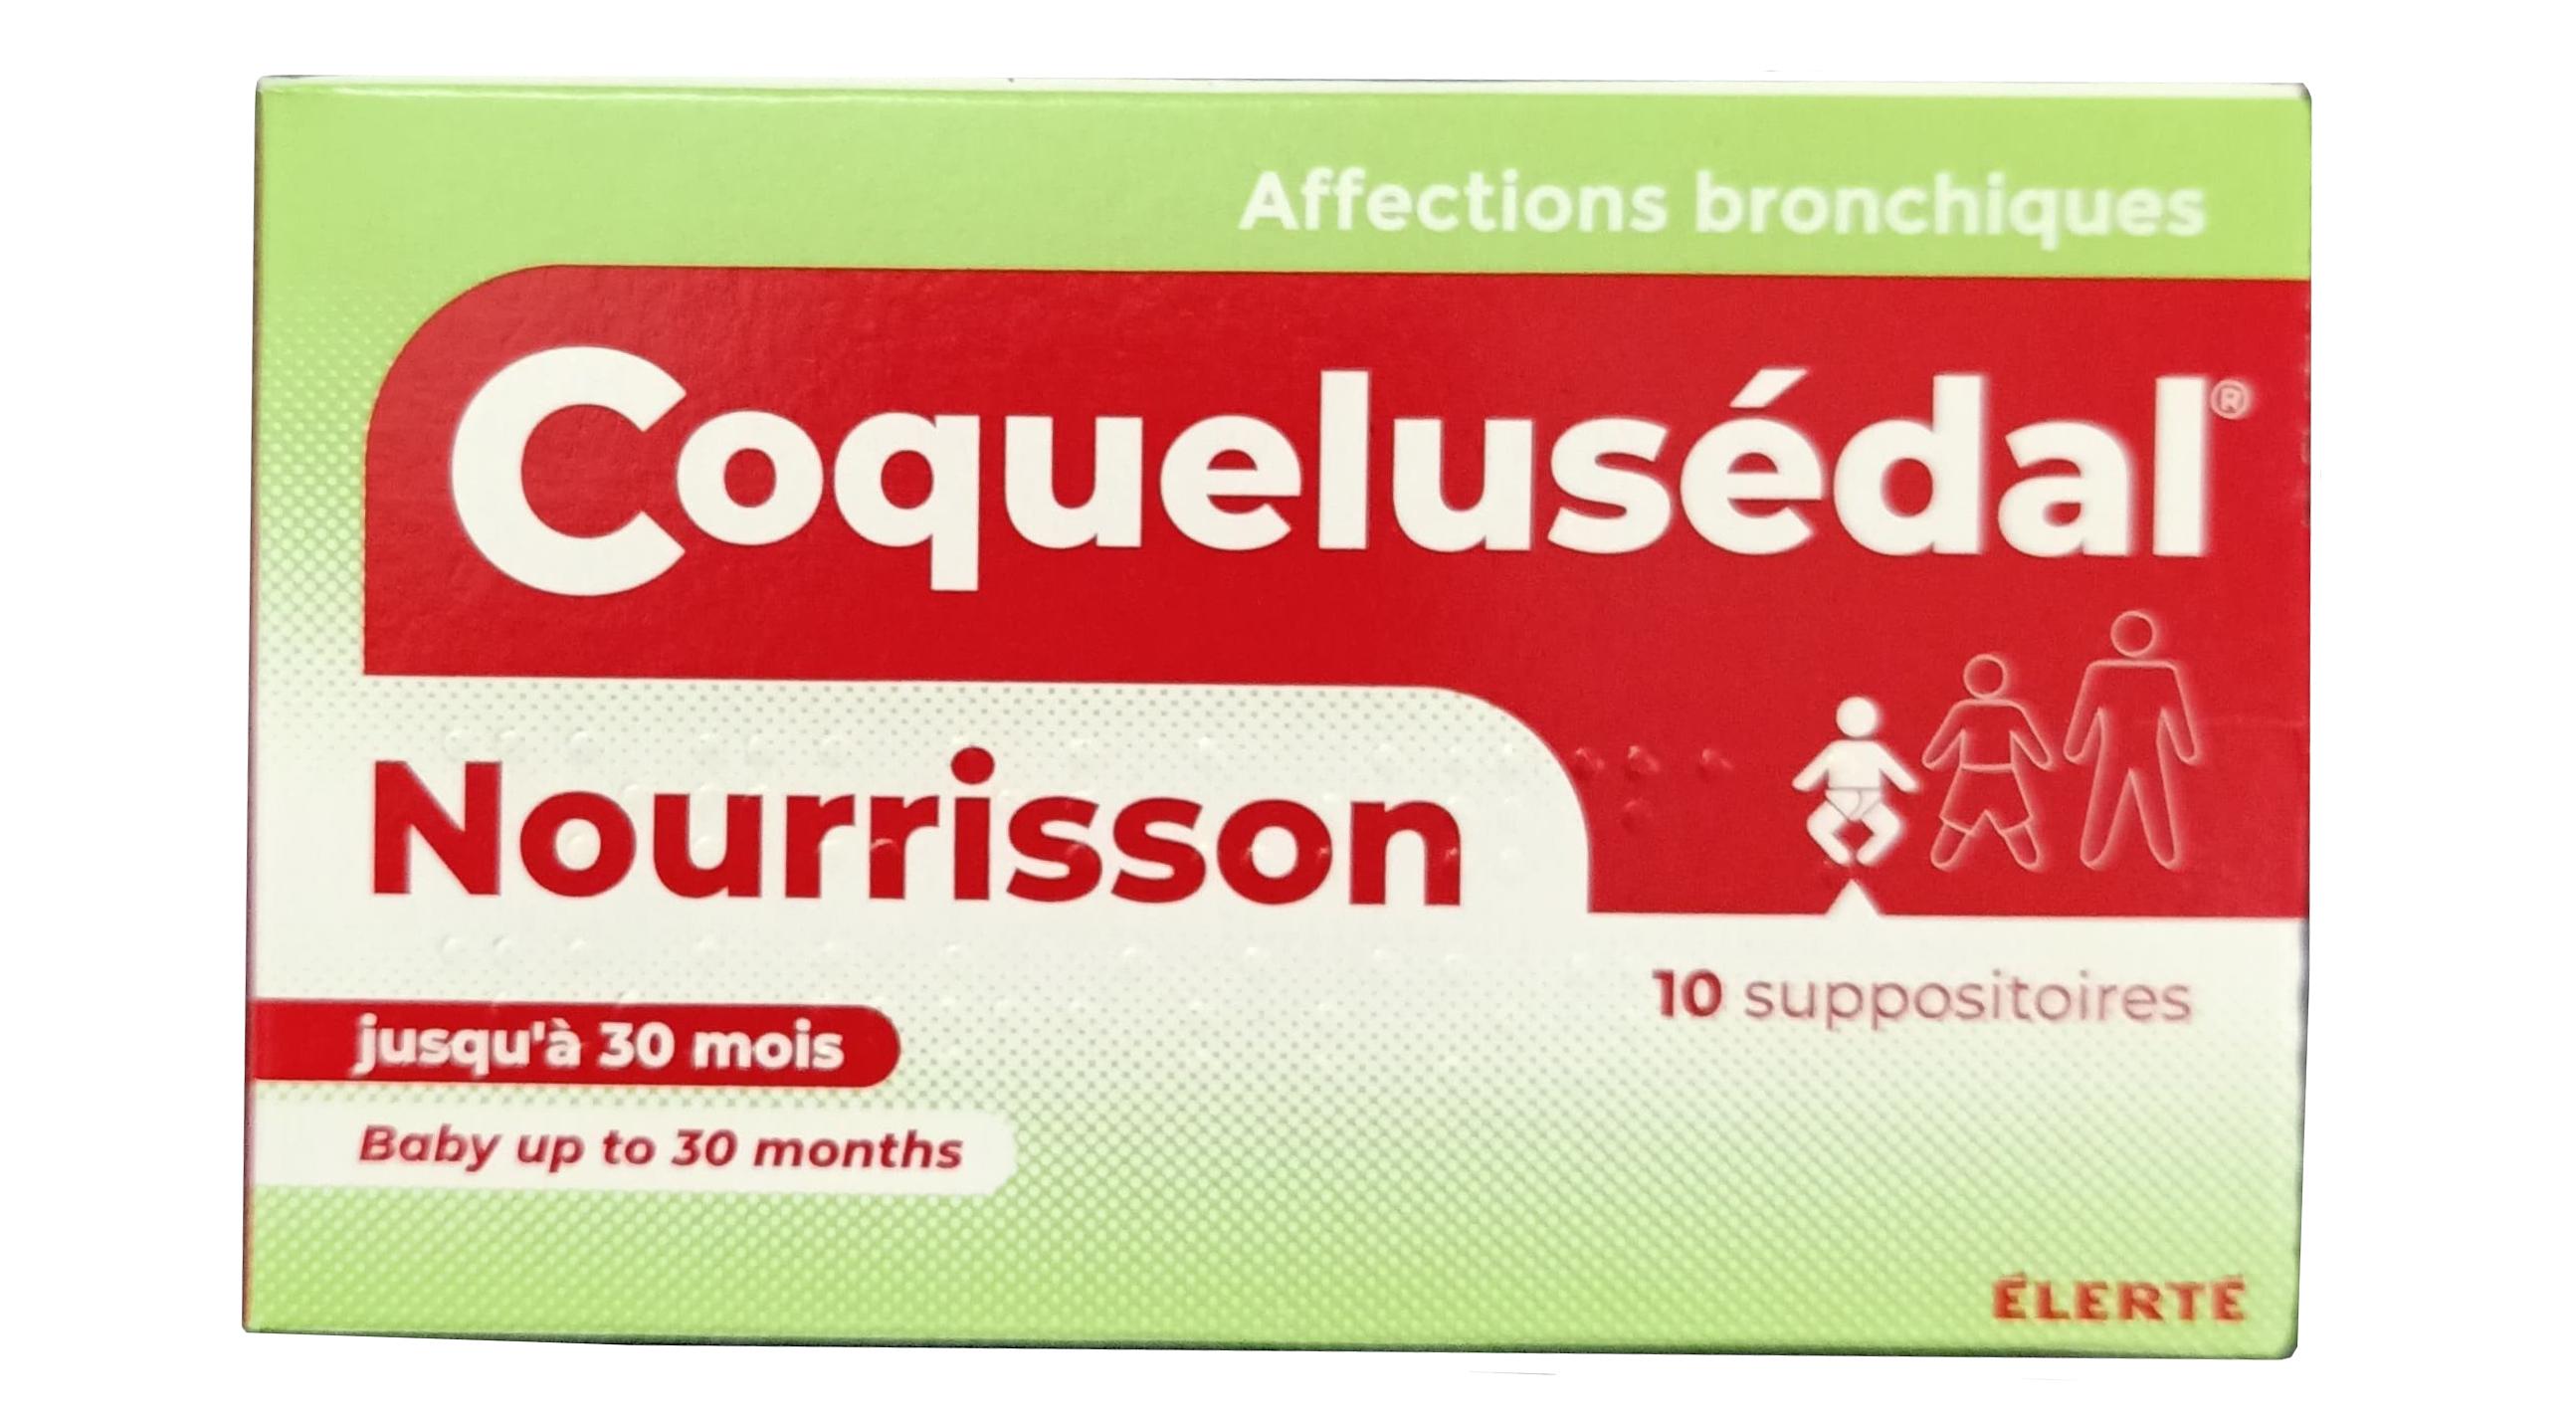 Coquelusedal cho trẻ từ sơ sinh tới 30 tháng mẫu mới